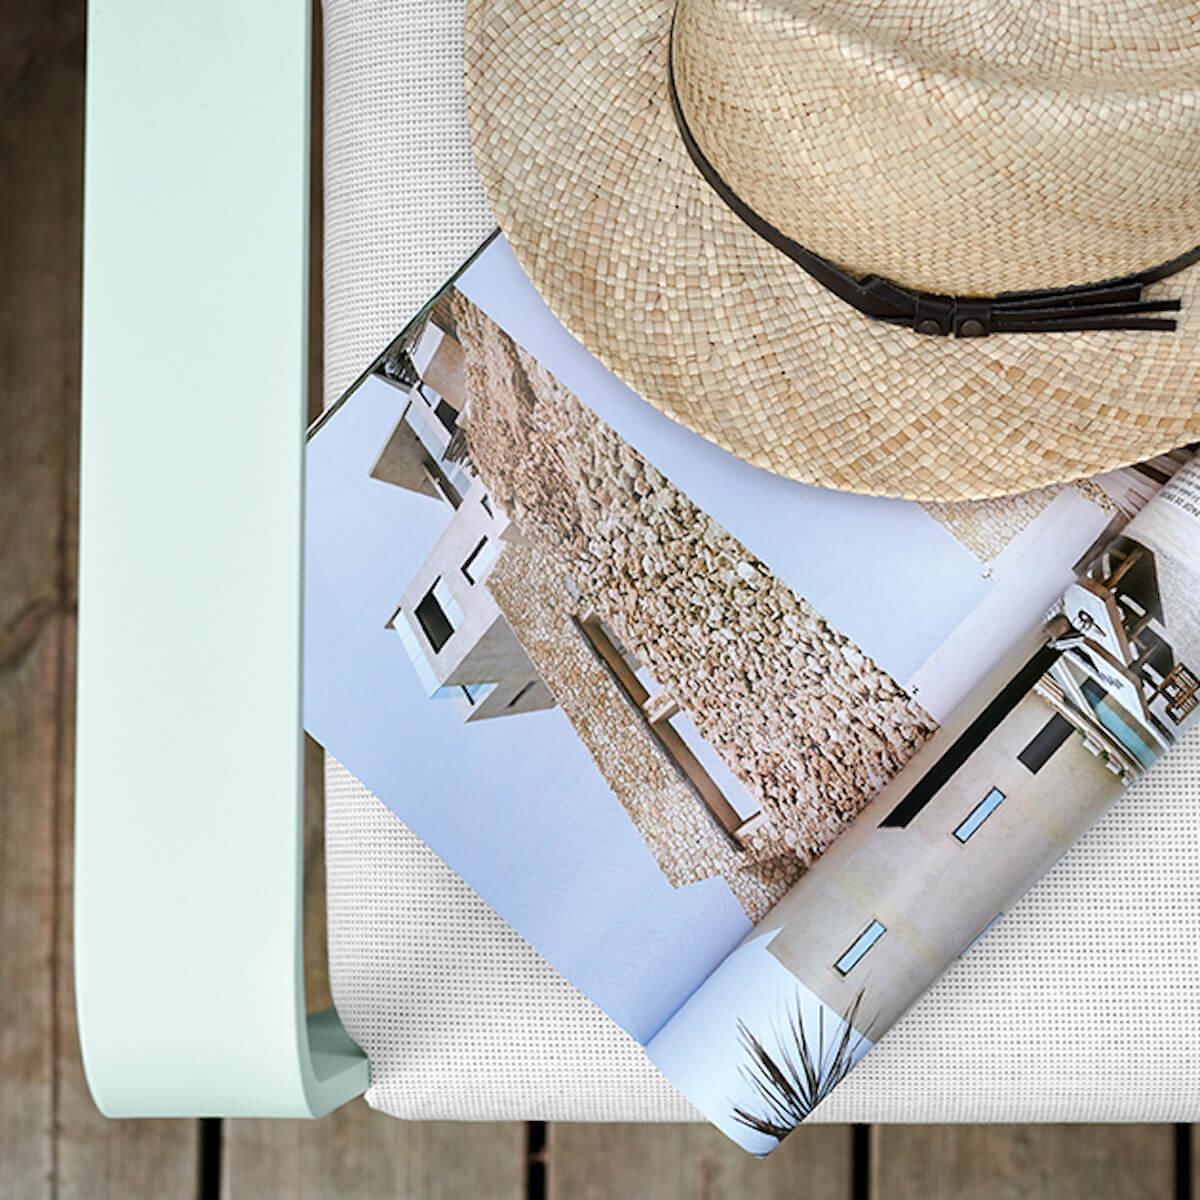 Fauteuil de jardin BELLEVIE Fermob rouille-blanc grisé